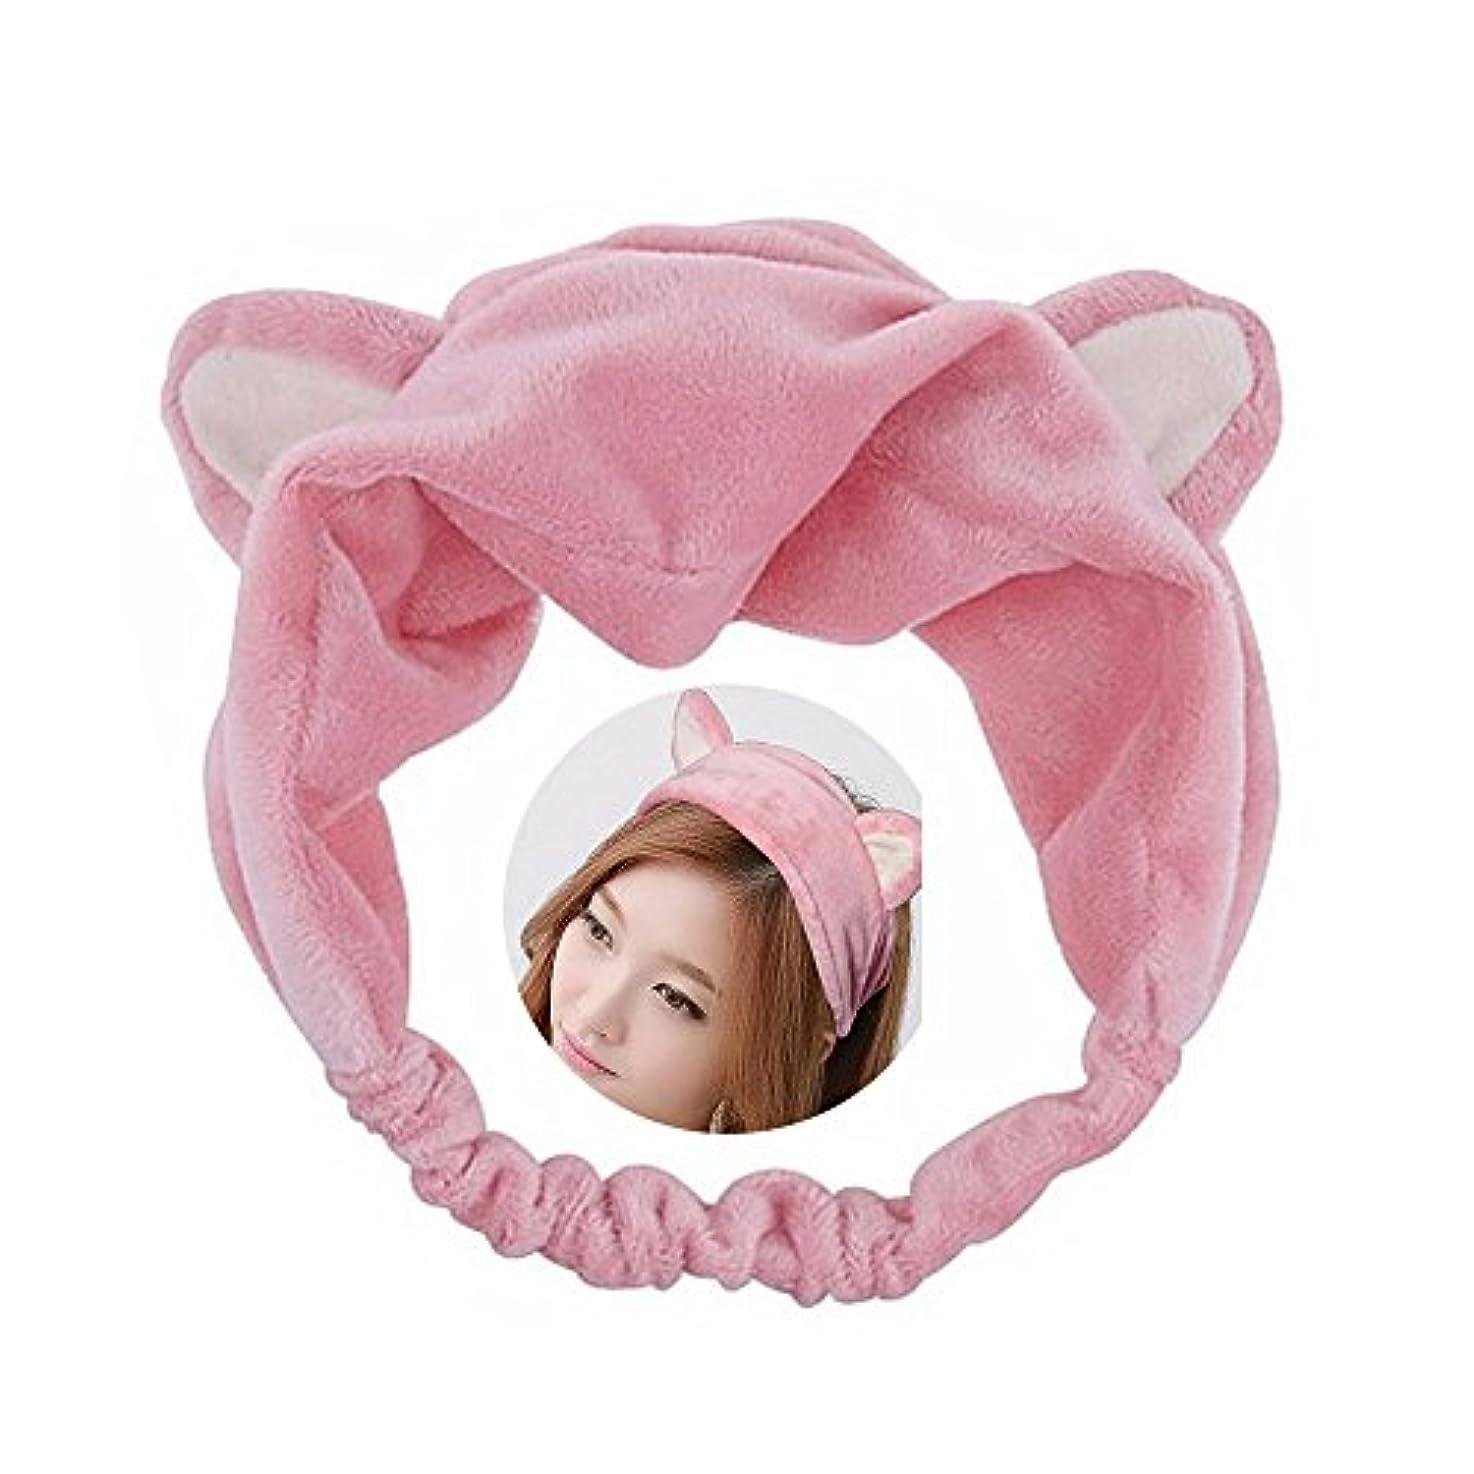 乗り出す雰囲気コテージ可愛い 猫 耳 ヘアバンド メイク アップ フェイス マスク スポーツ カチューシャ 髪型 ピンク